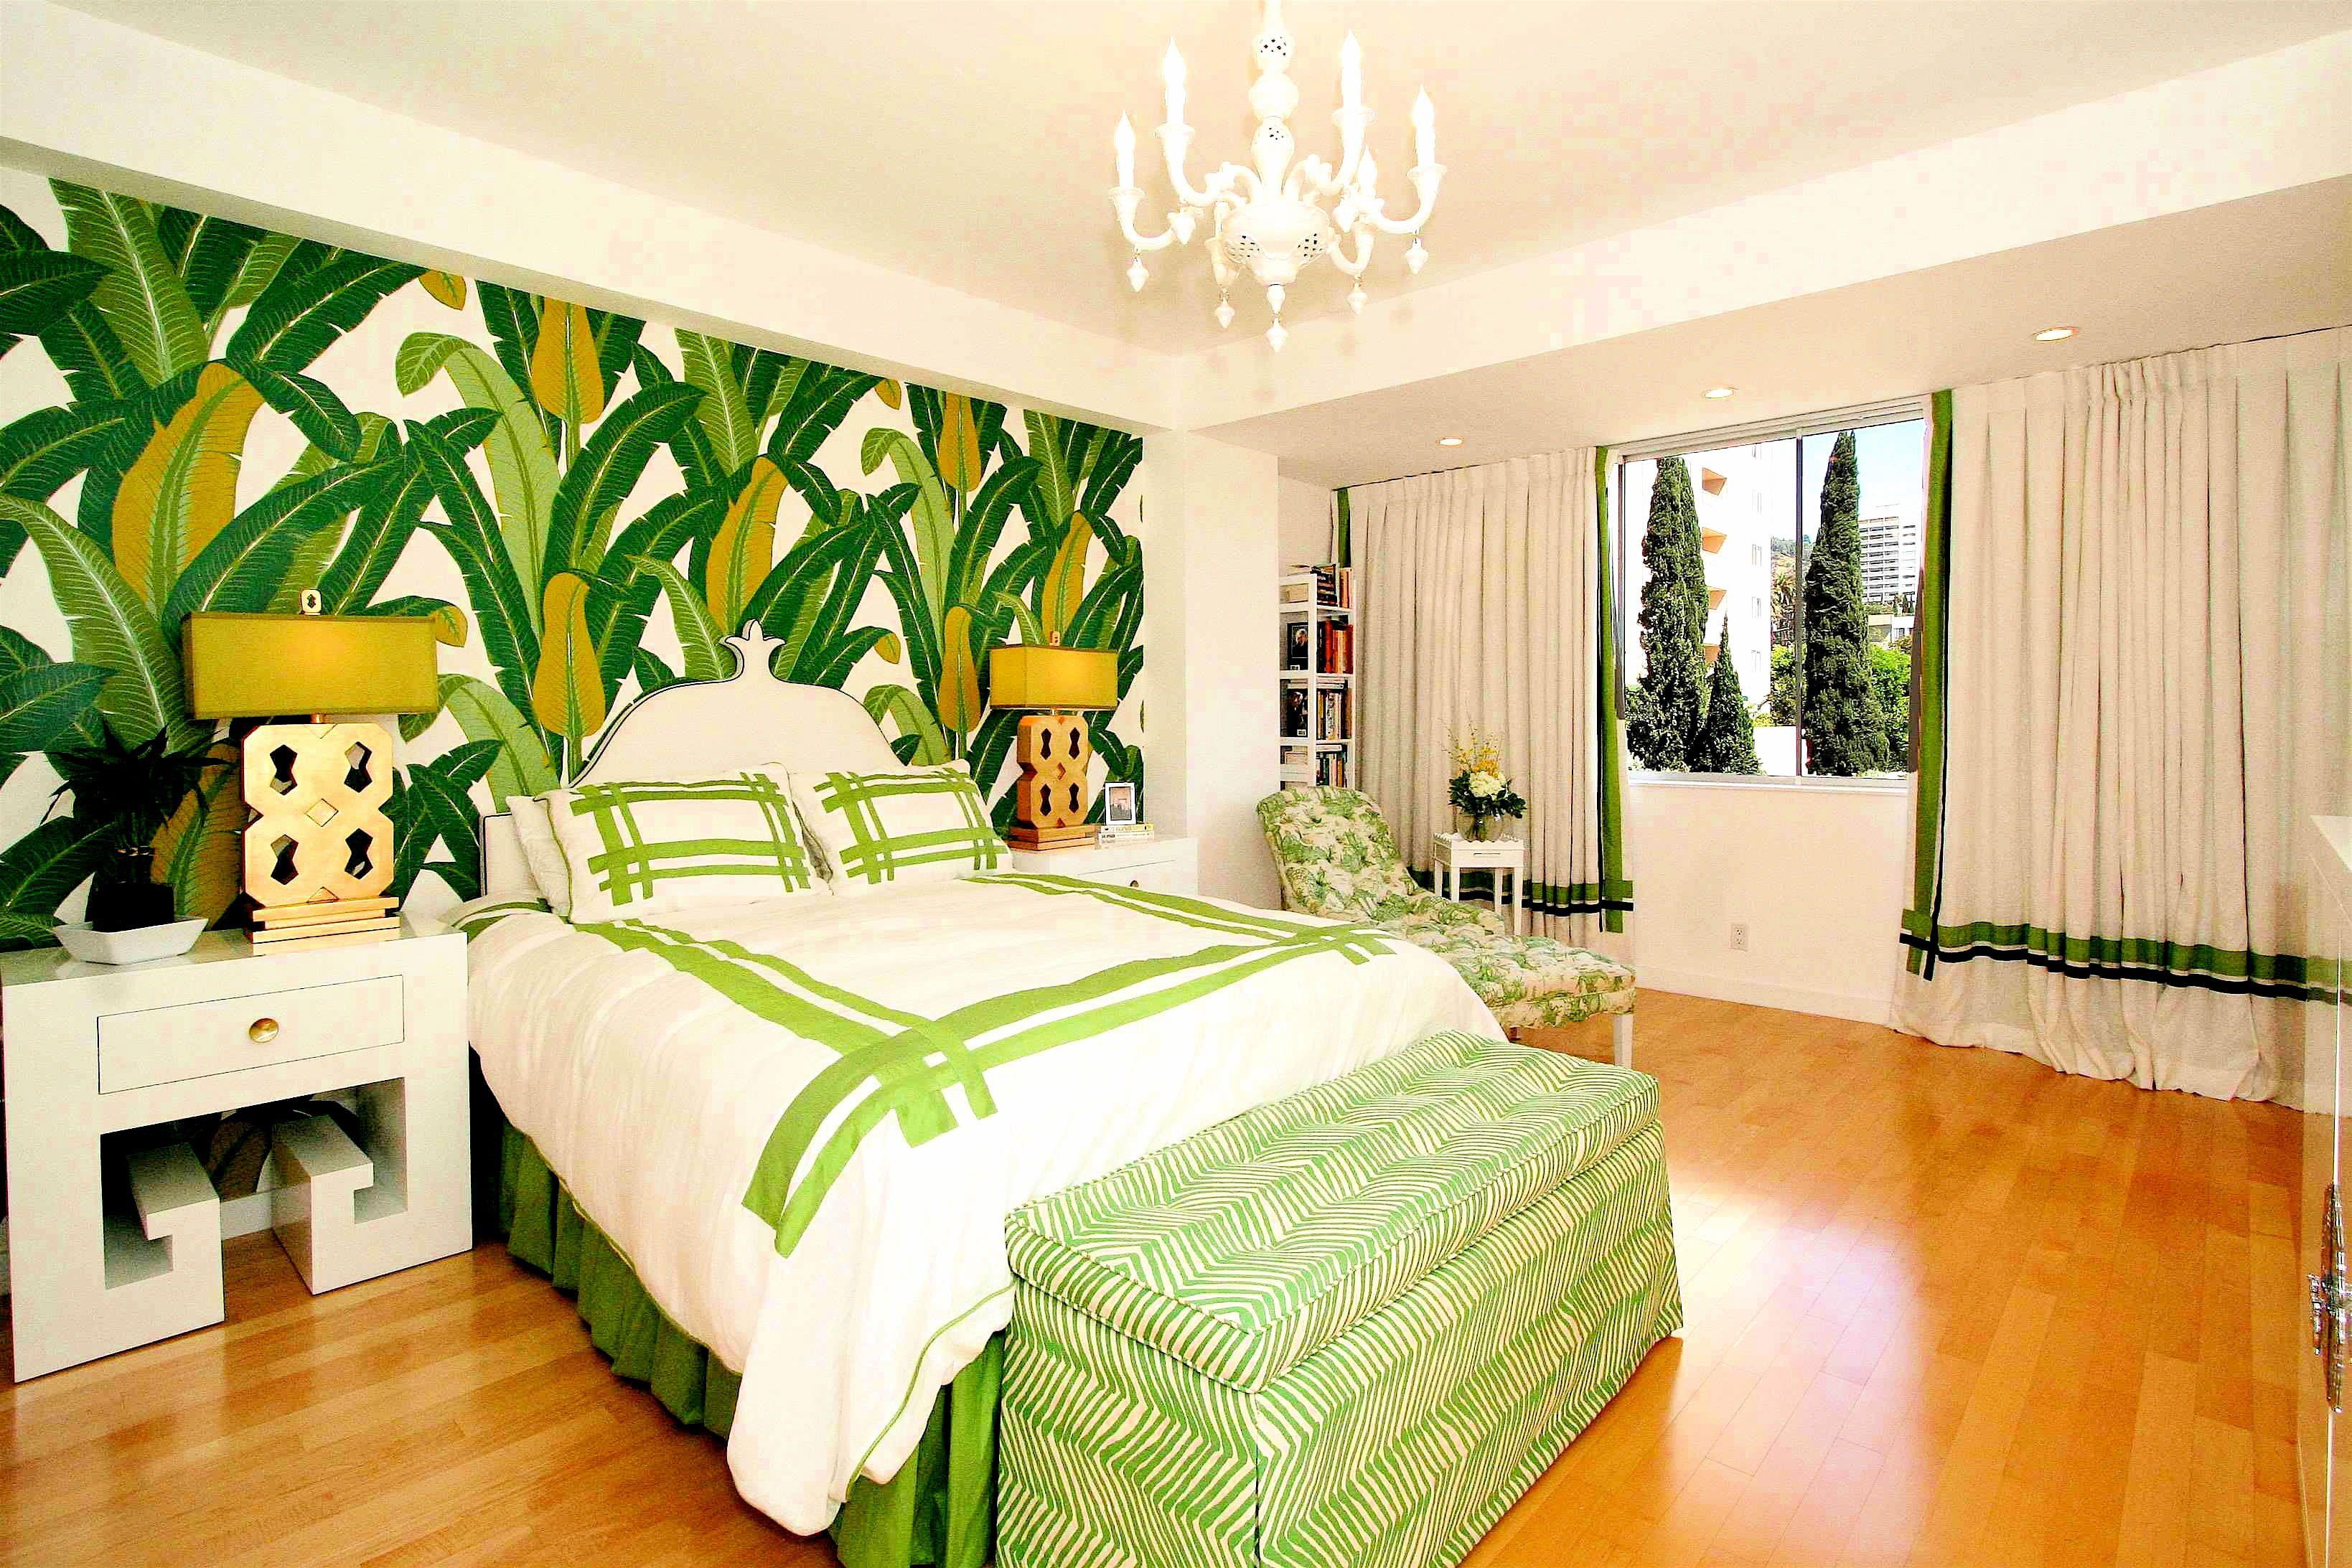 Kongeniale Grün Schlafzimmer Ideen Und Interieur Dekoration Sind In Der  Regel Identifiziert, Die über Such